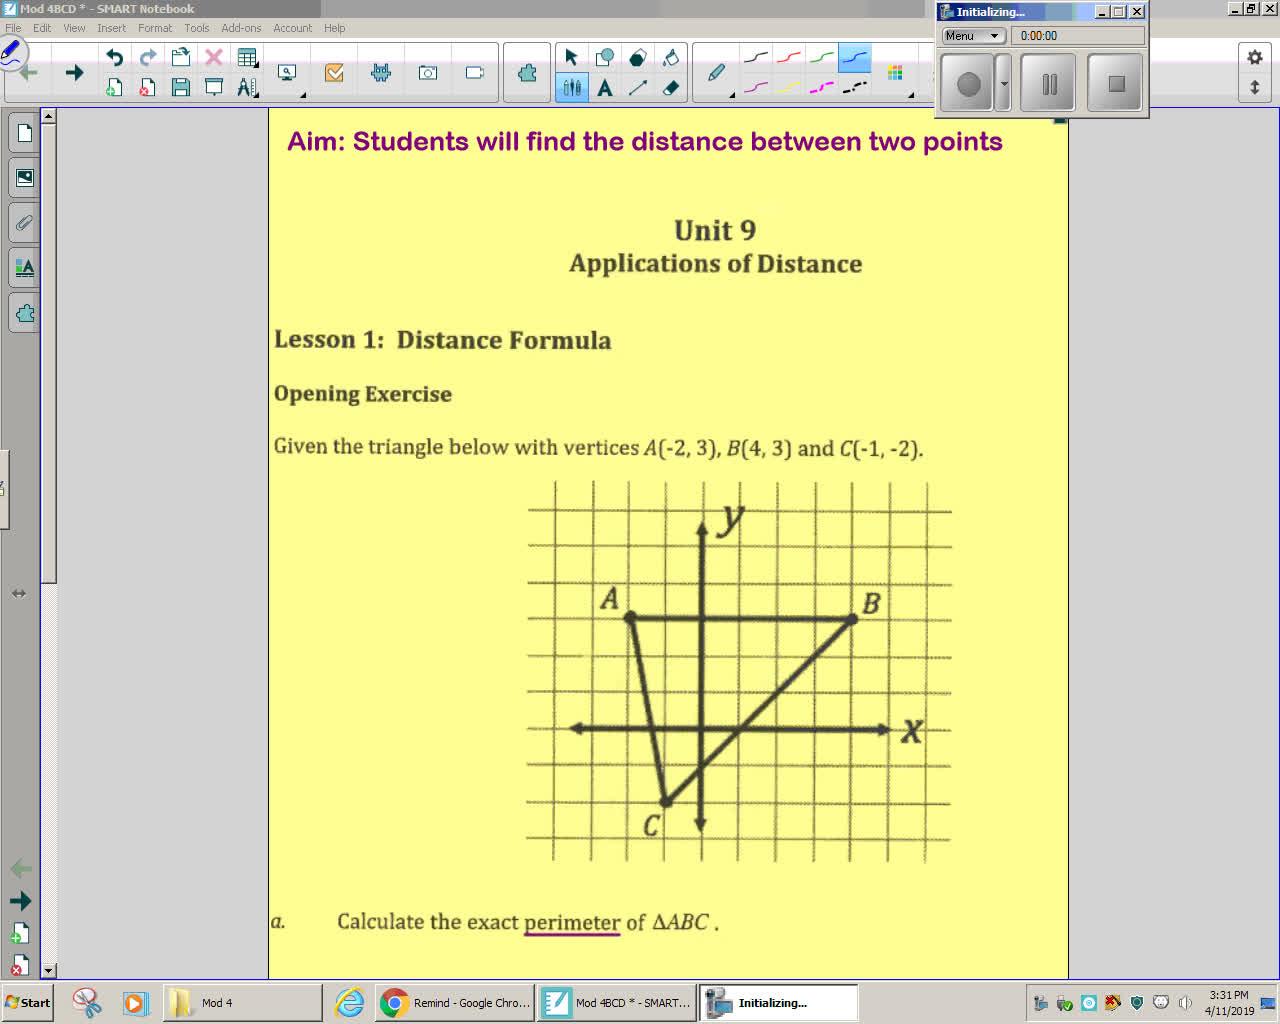 Unit 9 Lesson 1 Distance Formula